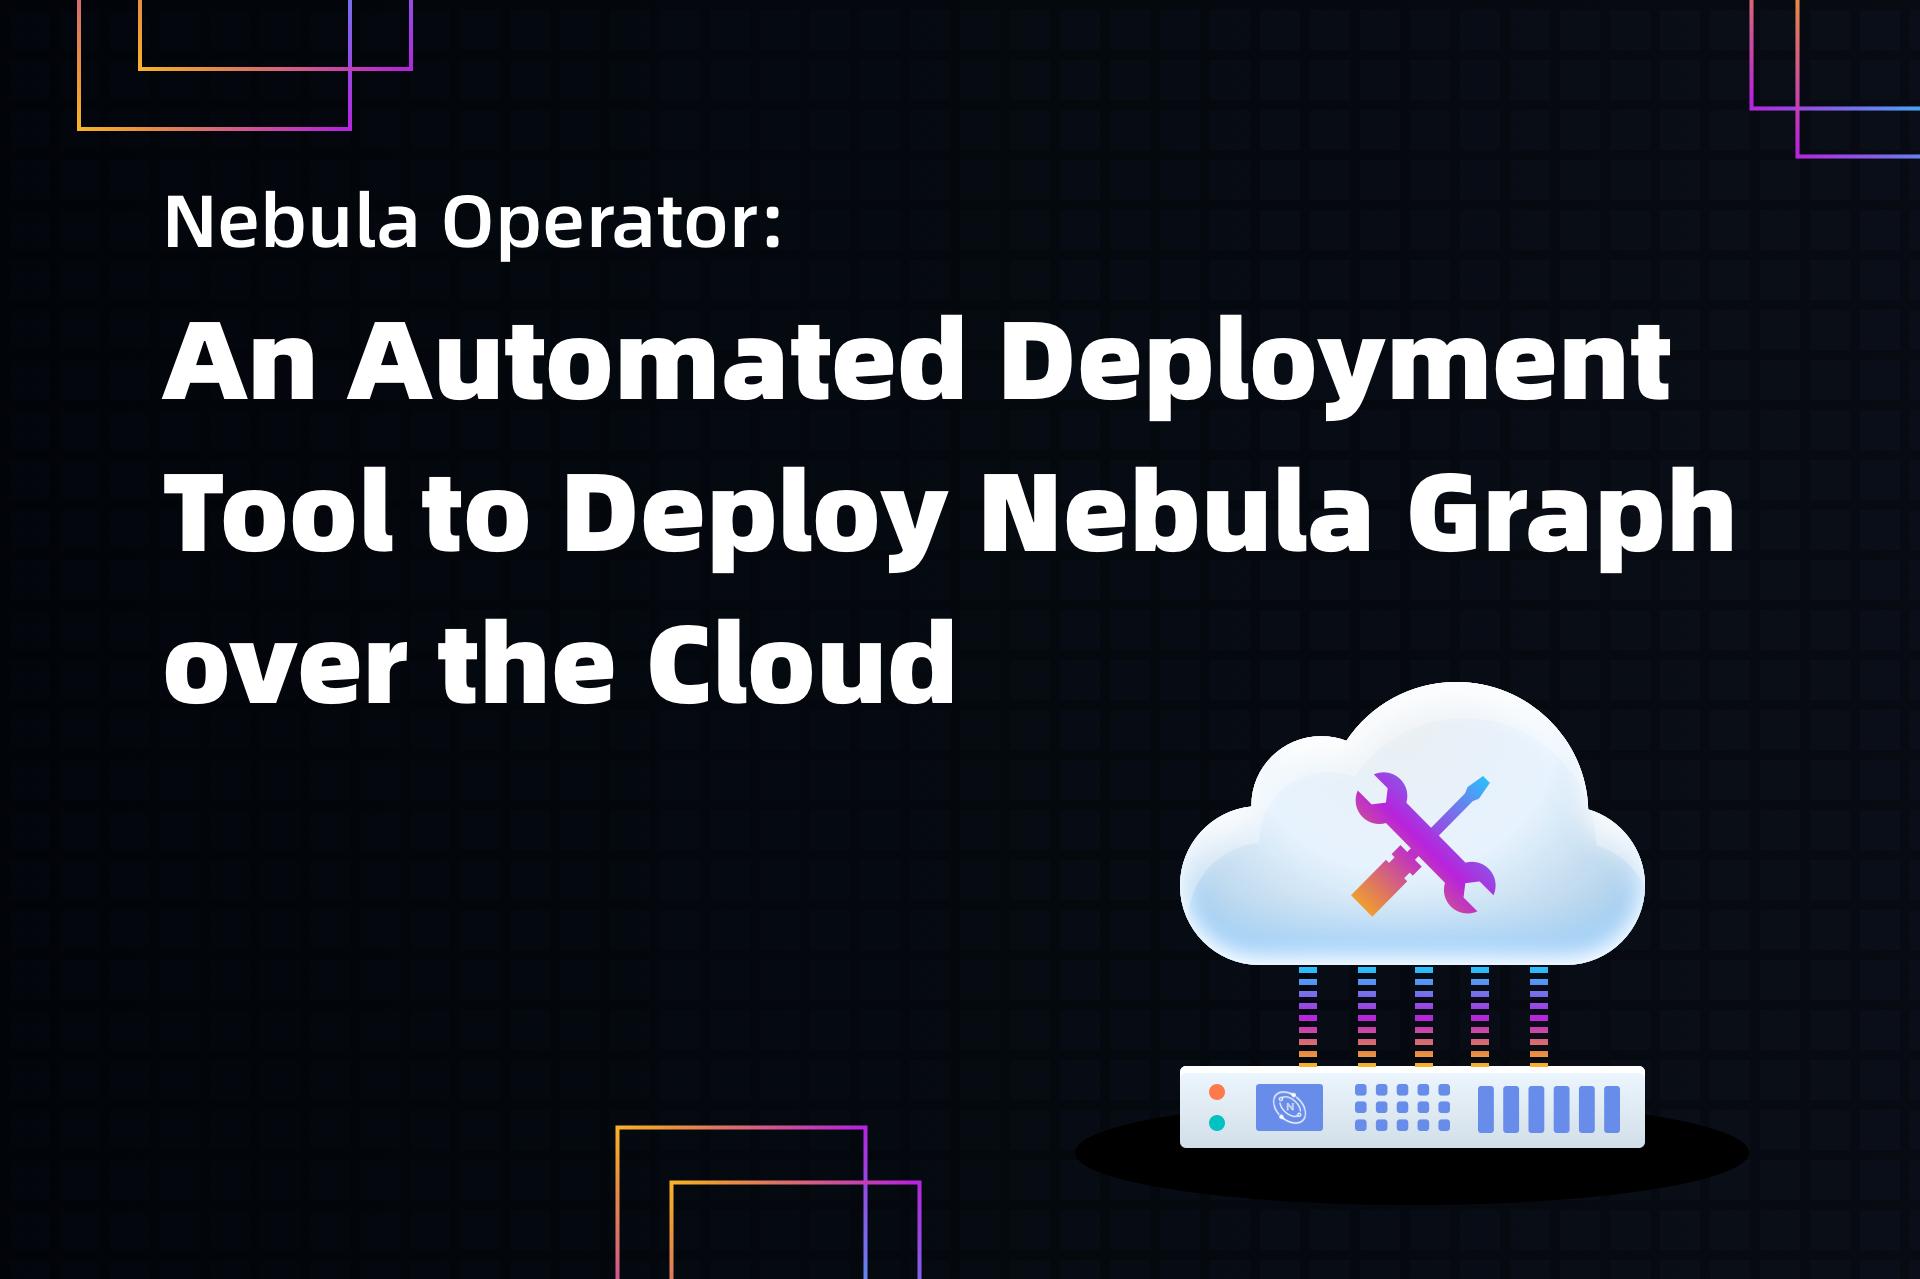 Nebula Operator